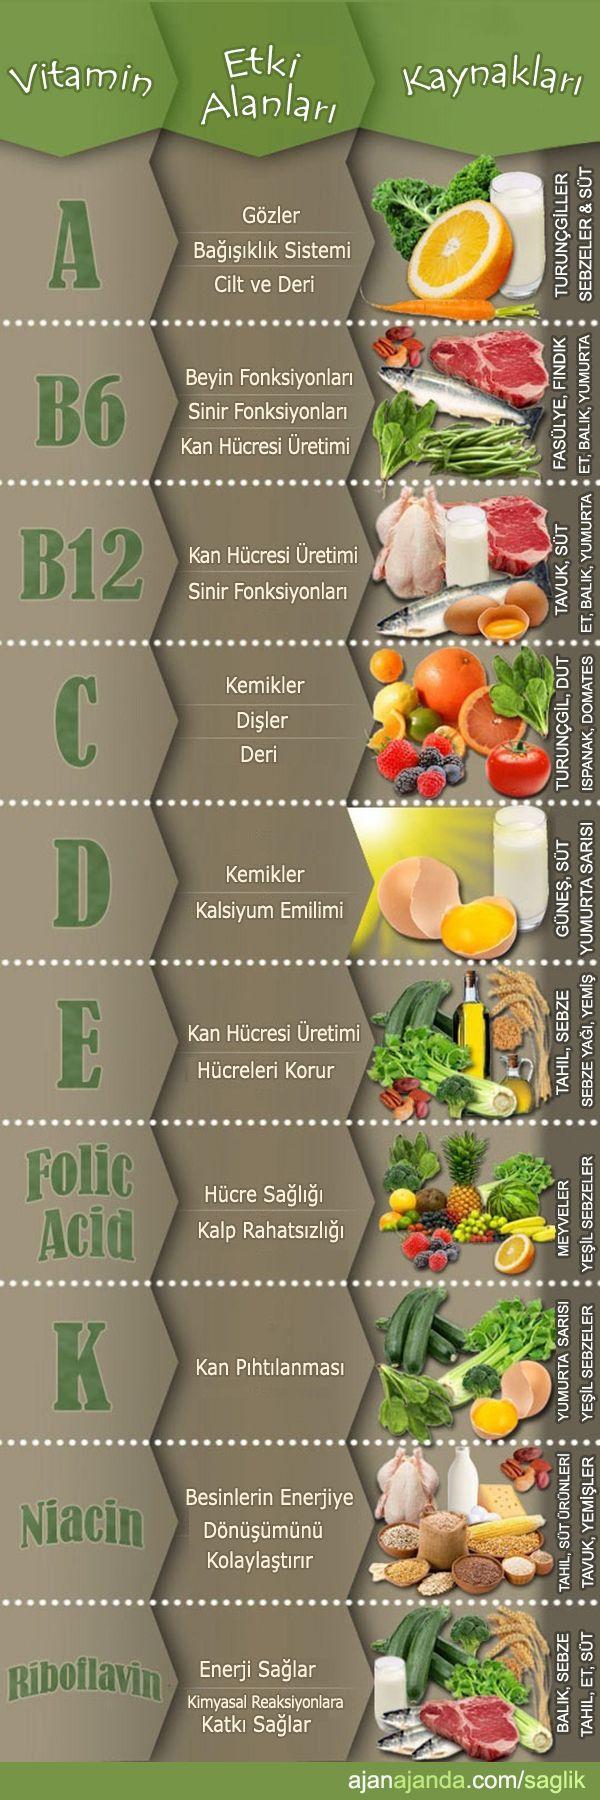 Vitaminler, kaynakları ve etki alanları